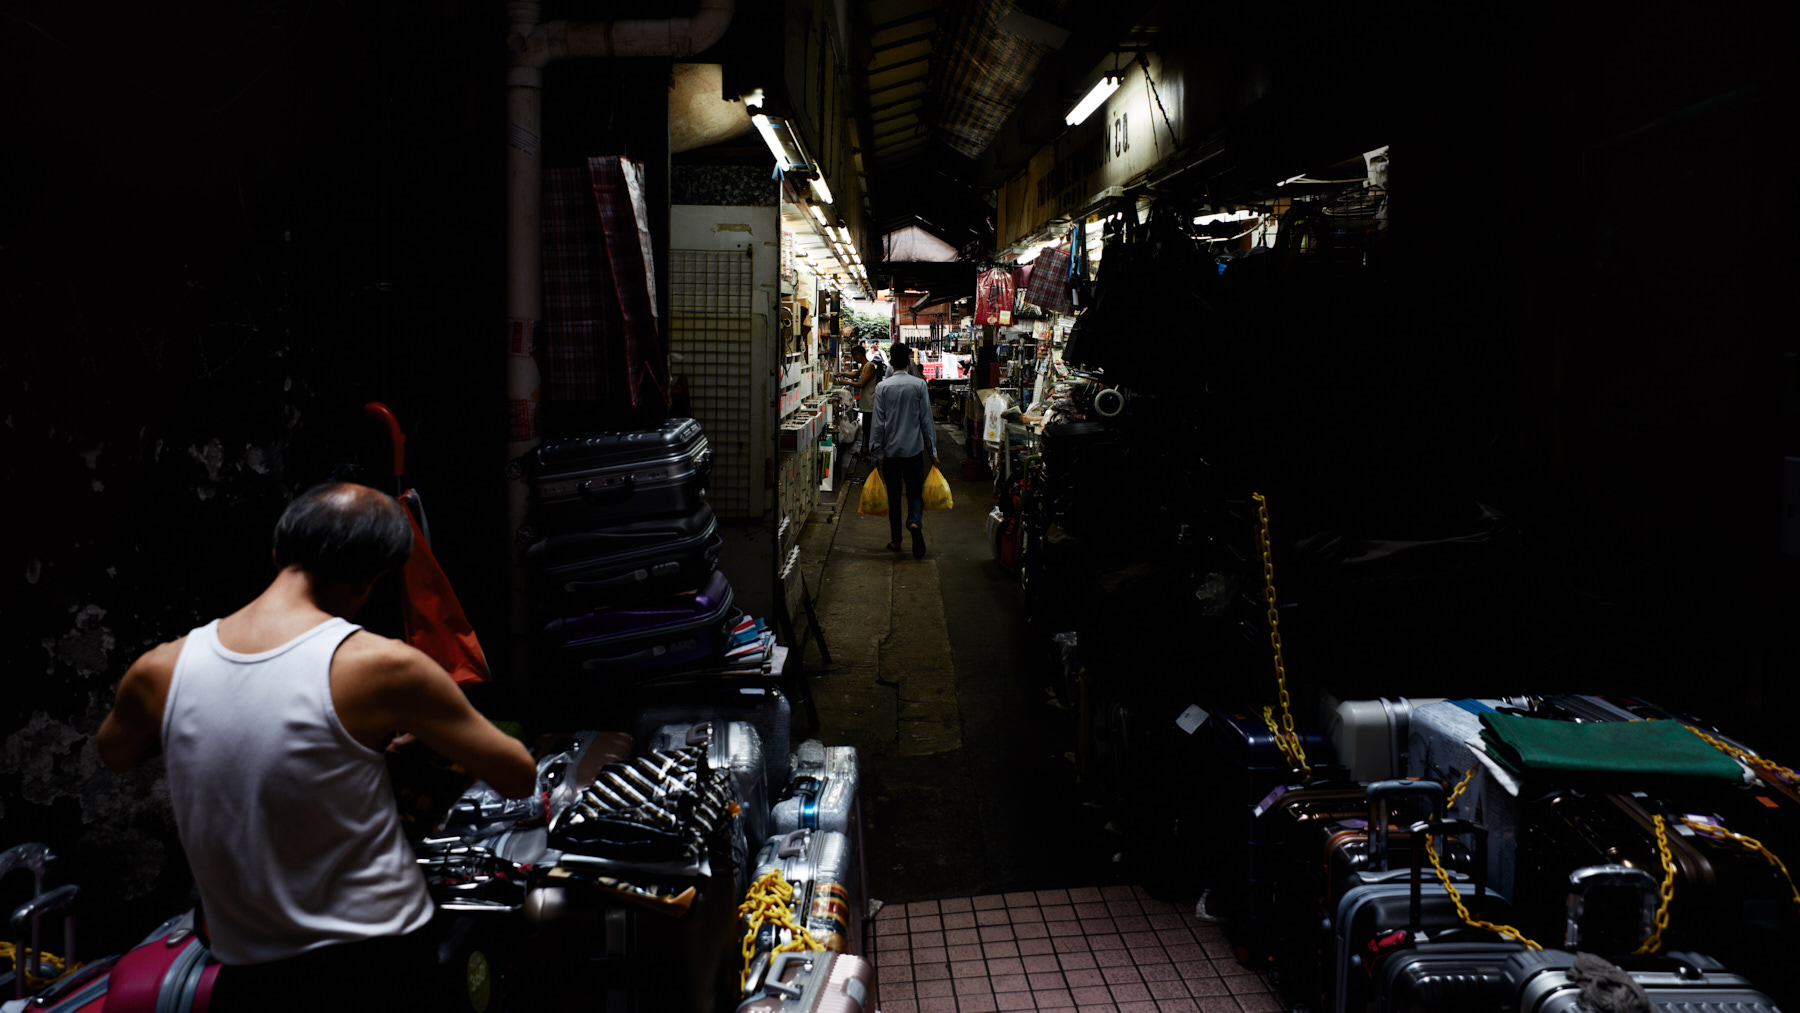 160506_HongKong_161.jpg